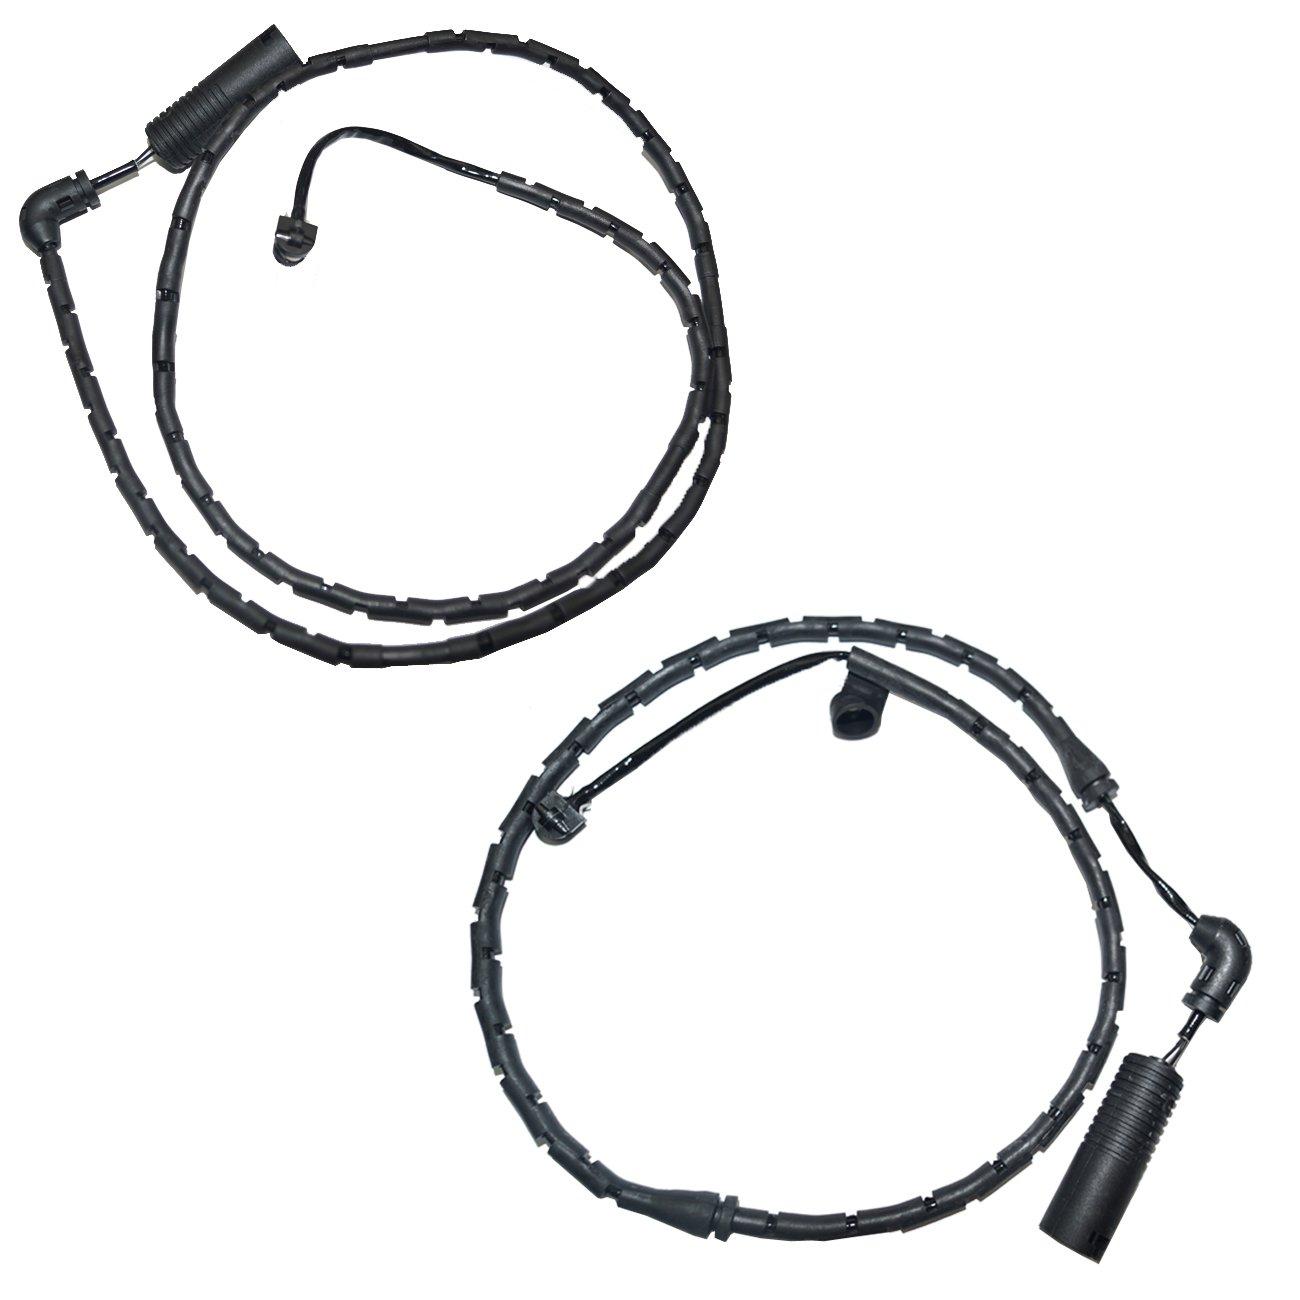 Bapmic Front 34353411756 + 34353411757 Rear Brake Pad Wear Sensor Kit for BMW E83 X3 2004-2010